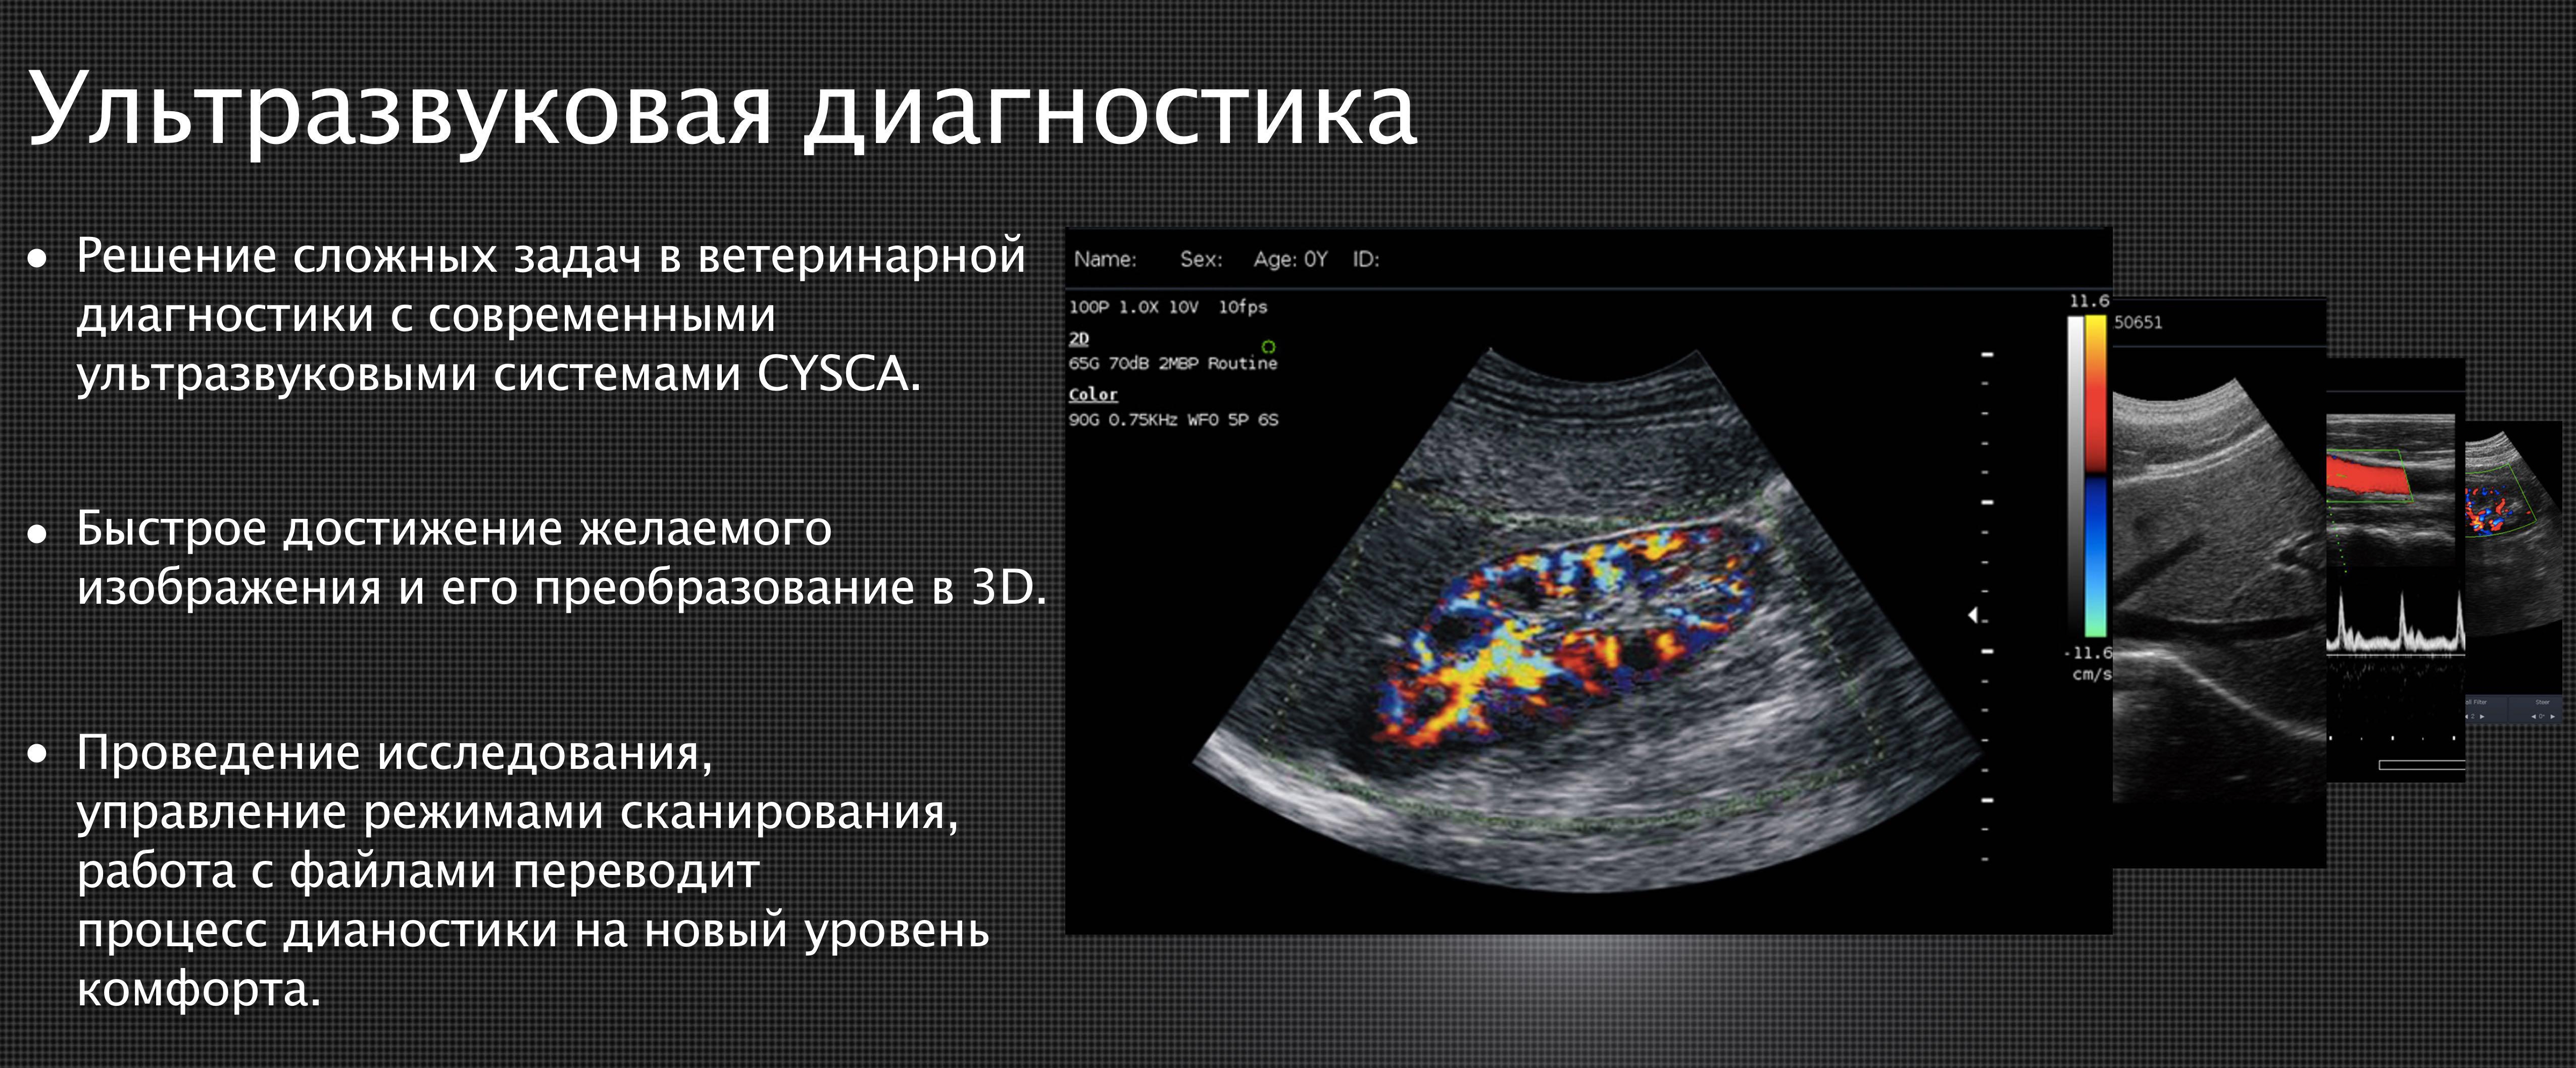 Ультразвуковые сканеры Cysca